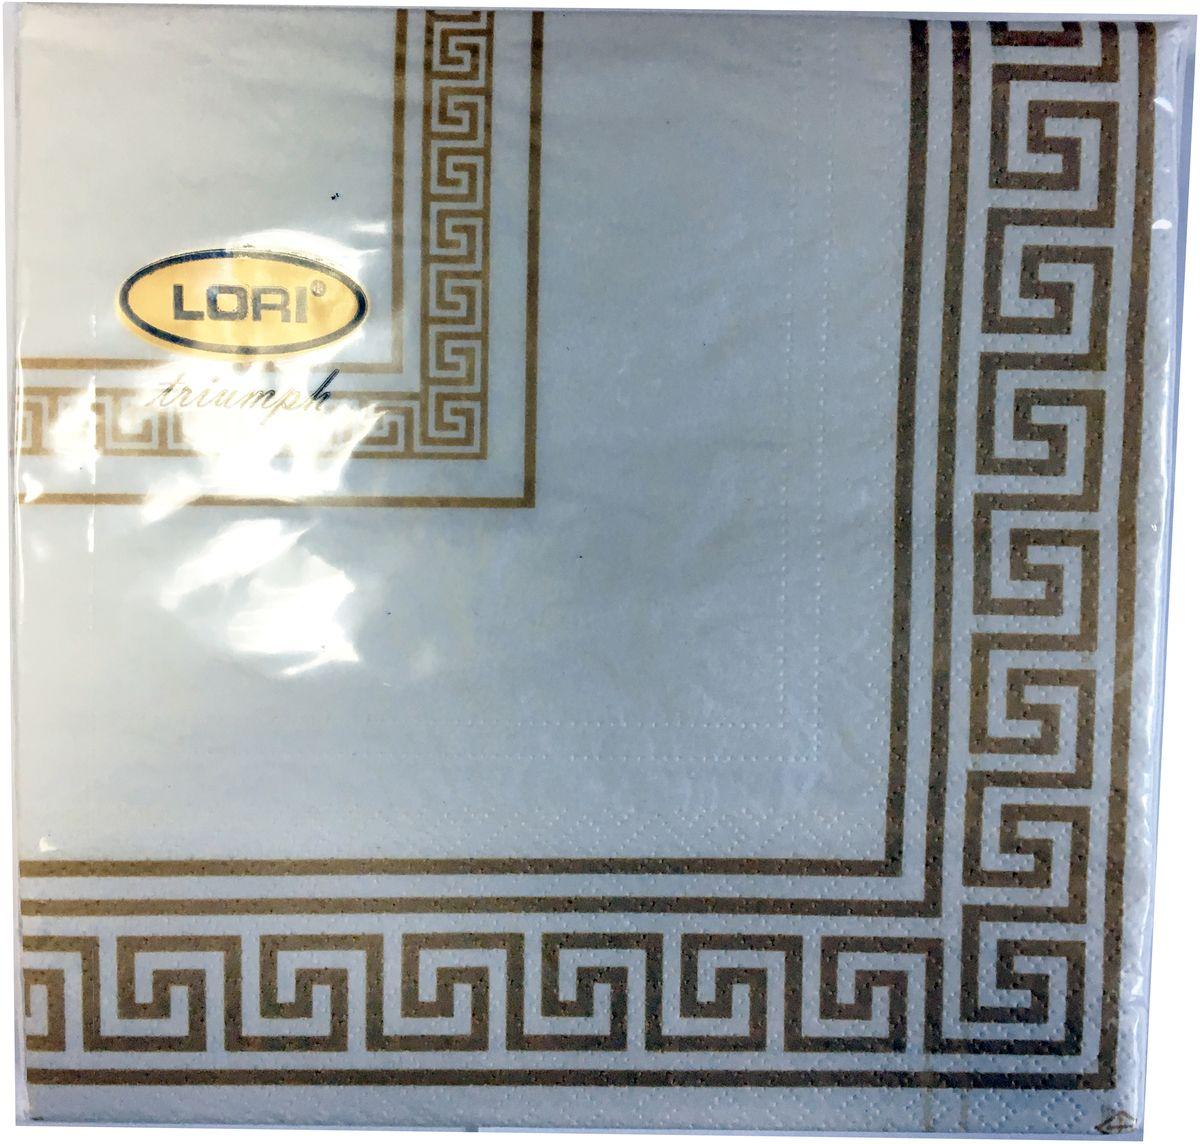 Салфетки бумажные Lori Triumph, трехслойные, цвет: коричневый, белый, 33 х 33 см, 20 шт. 56058790009Декоративные трехслойные салфетки Lori Triumph выполнены из 100% целлюлозы и оформлены ярким рисунком. Изделия станут отличным дополнением любого праздничного стола. Они отличаются необычной мягкостью, прочностью и оригинальностью.Размер салфеток в развернутом виде: 33 х 33 см.